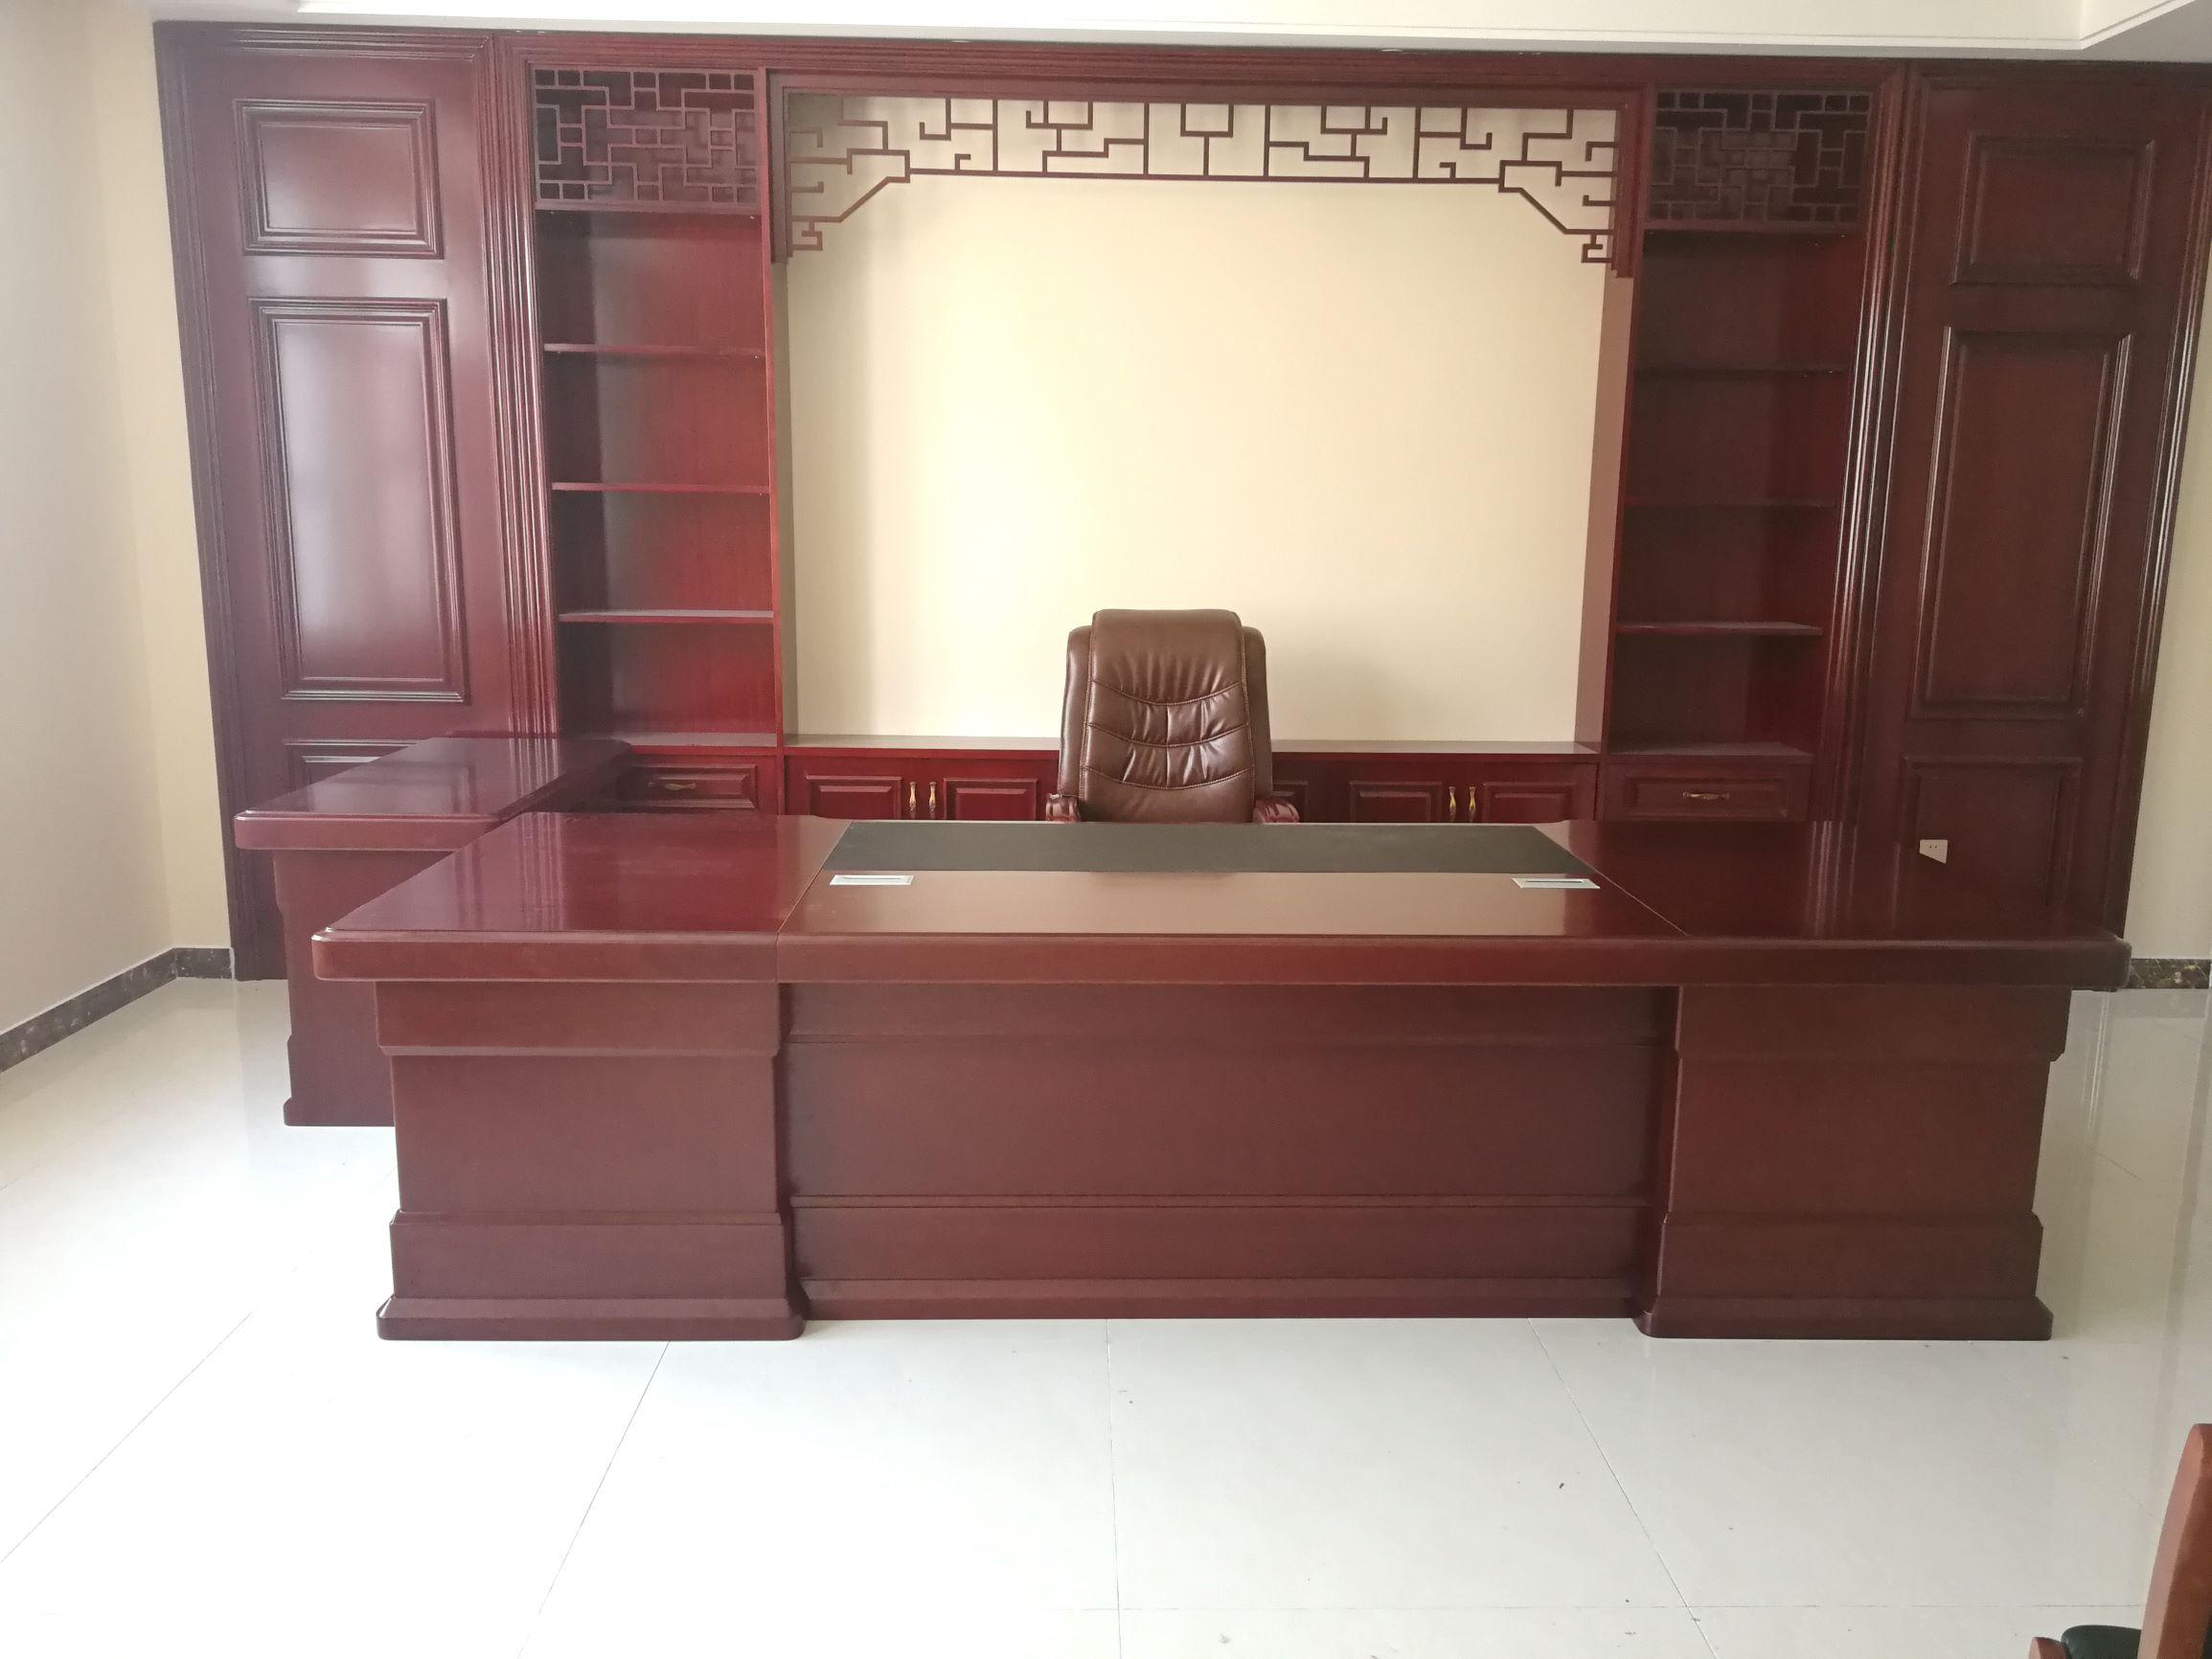 2.6米木皮办公桌 老板桌 班台